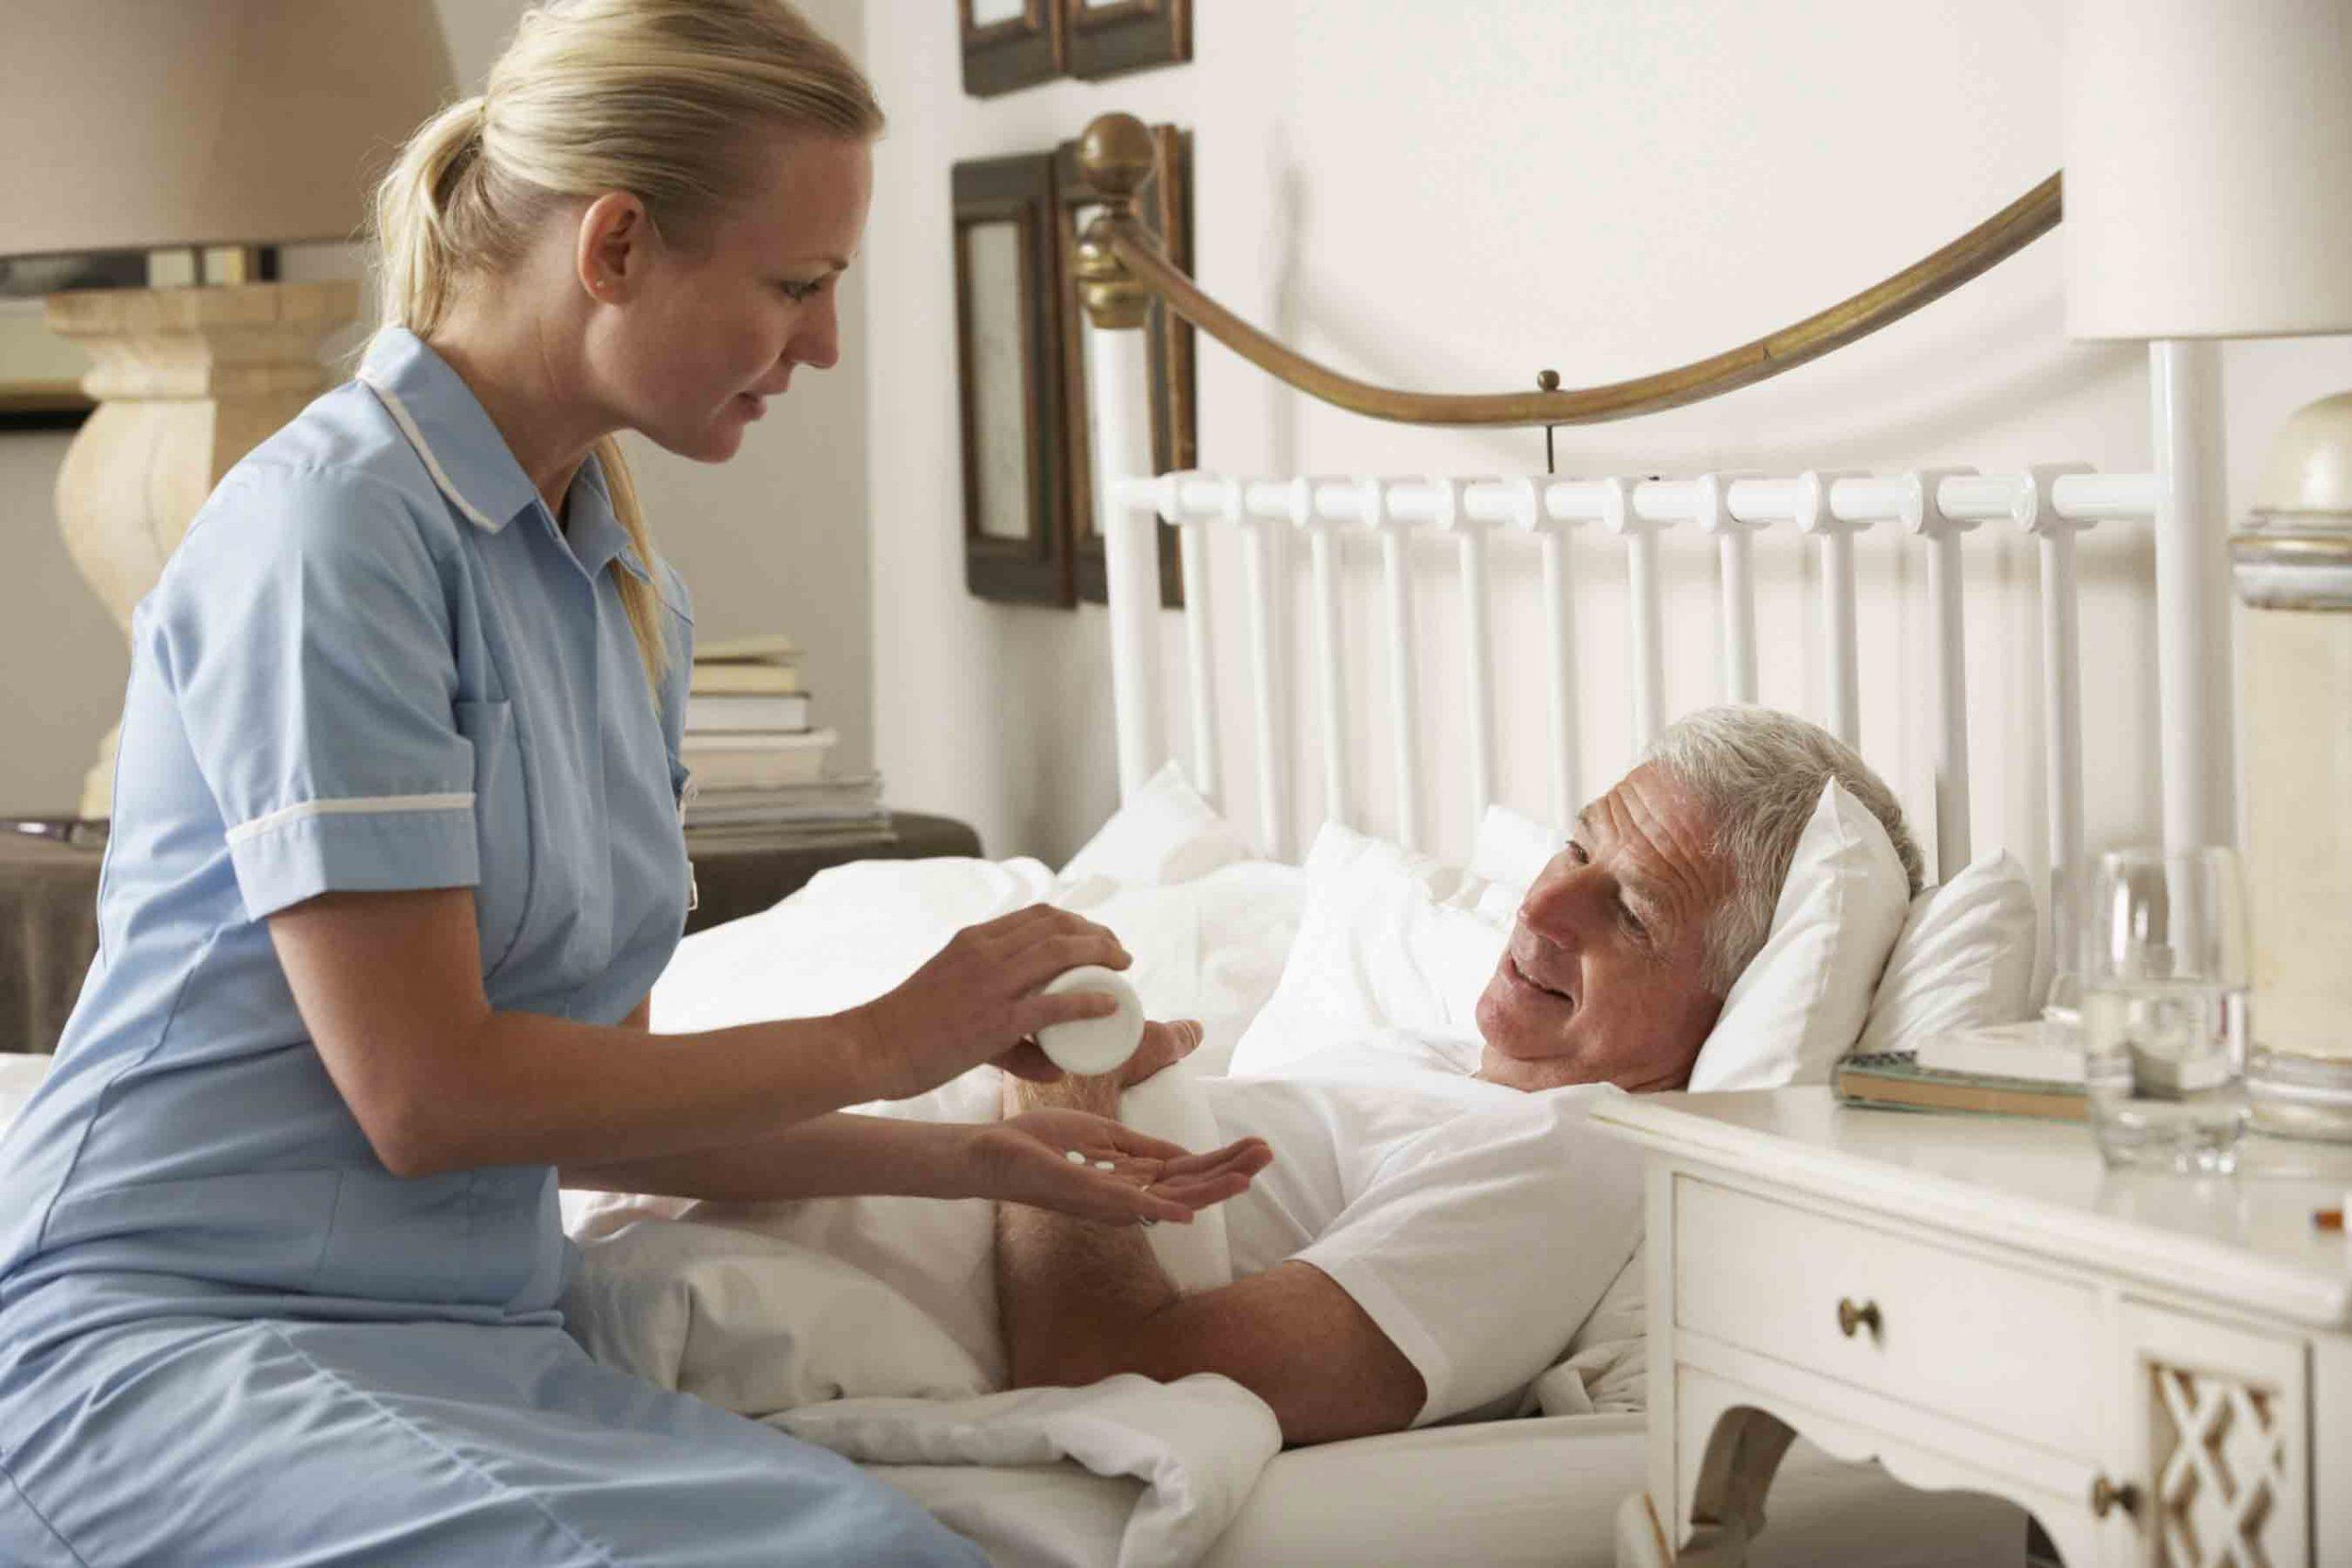 پرستار برای بیمار در منزل | مرکز پارسیان مهرپرور